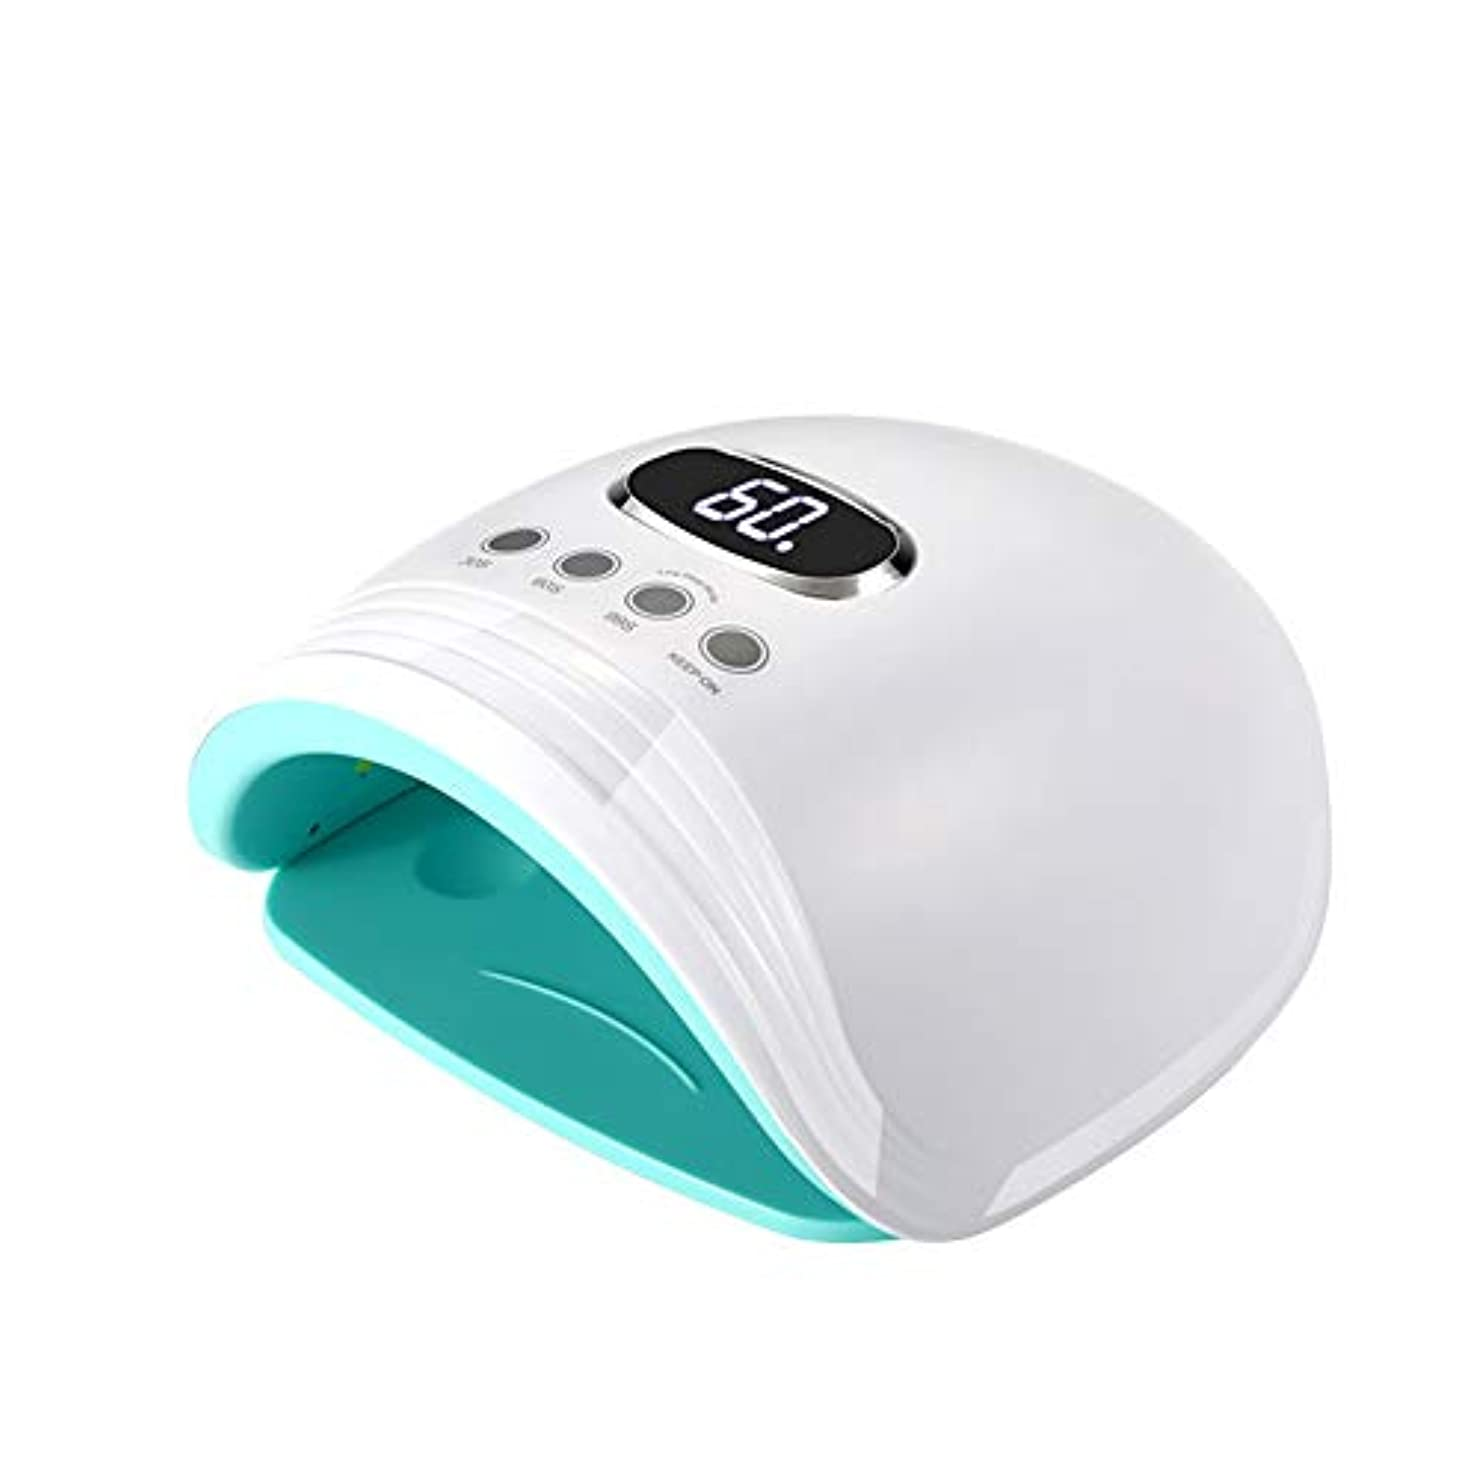 可能にするガイドライン尽きるホワイトニングネイル光線療法機60W /赤外線センサー/ダブルライト